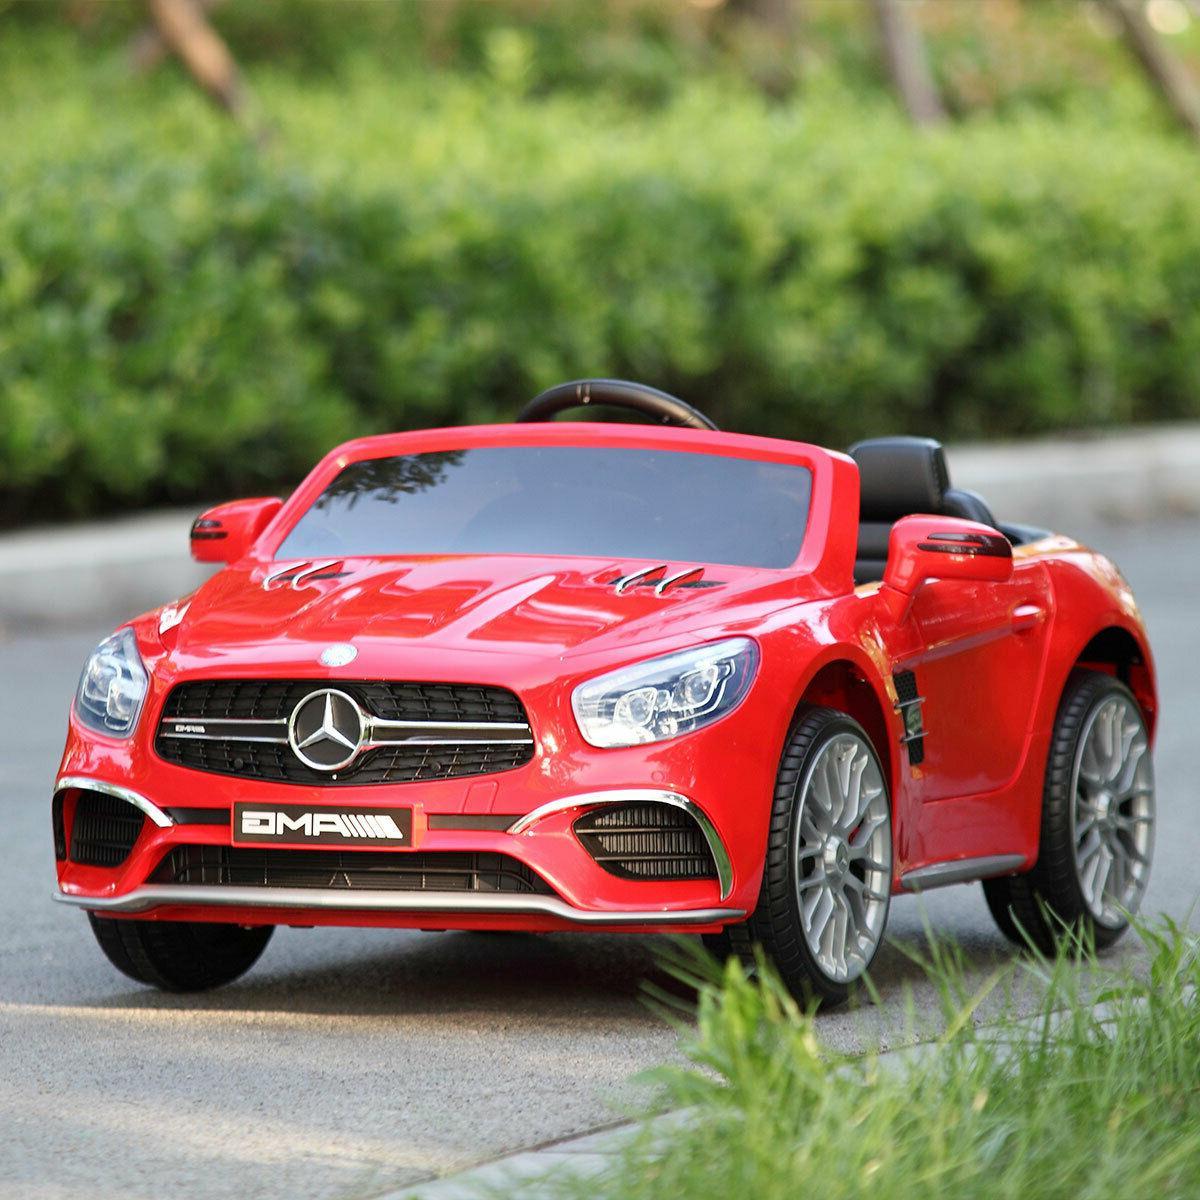 Electric Kids Ride On Car Licensed Mercedes Benz 12V 3 Speed